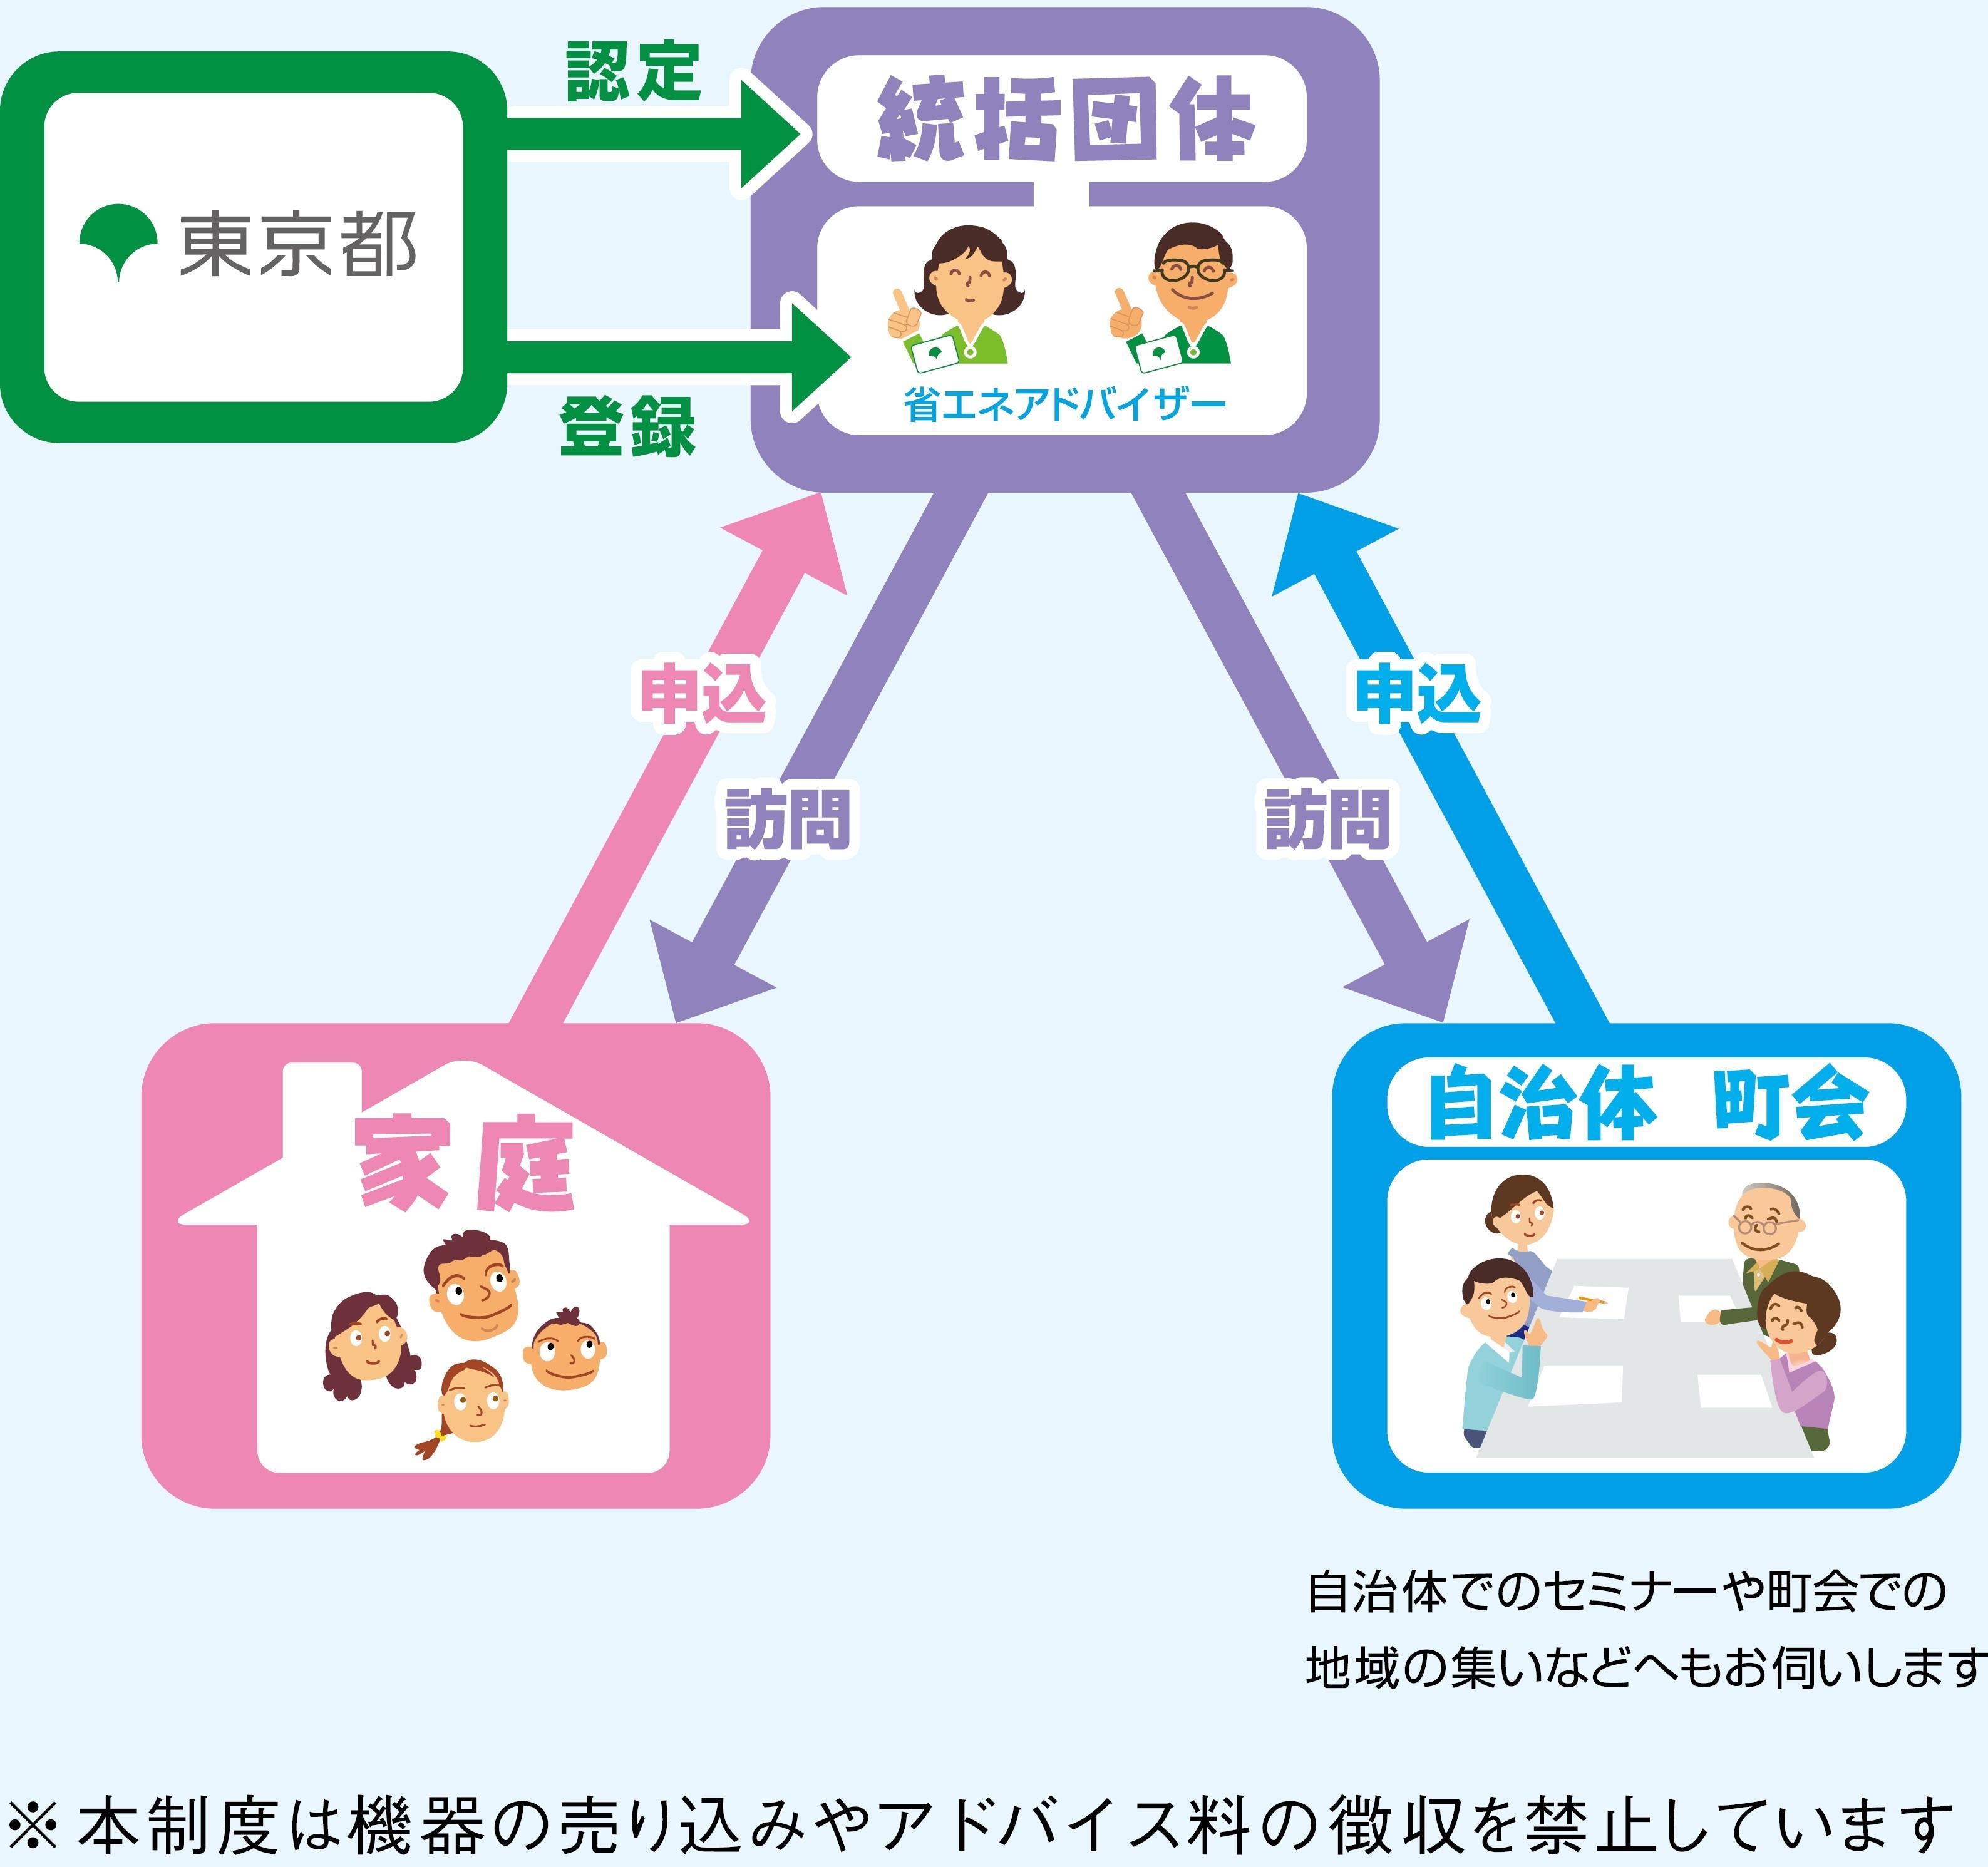 家庭の省エネアドバイザー制度